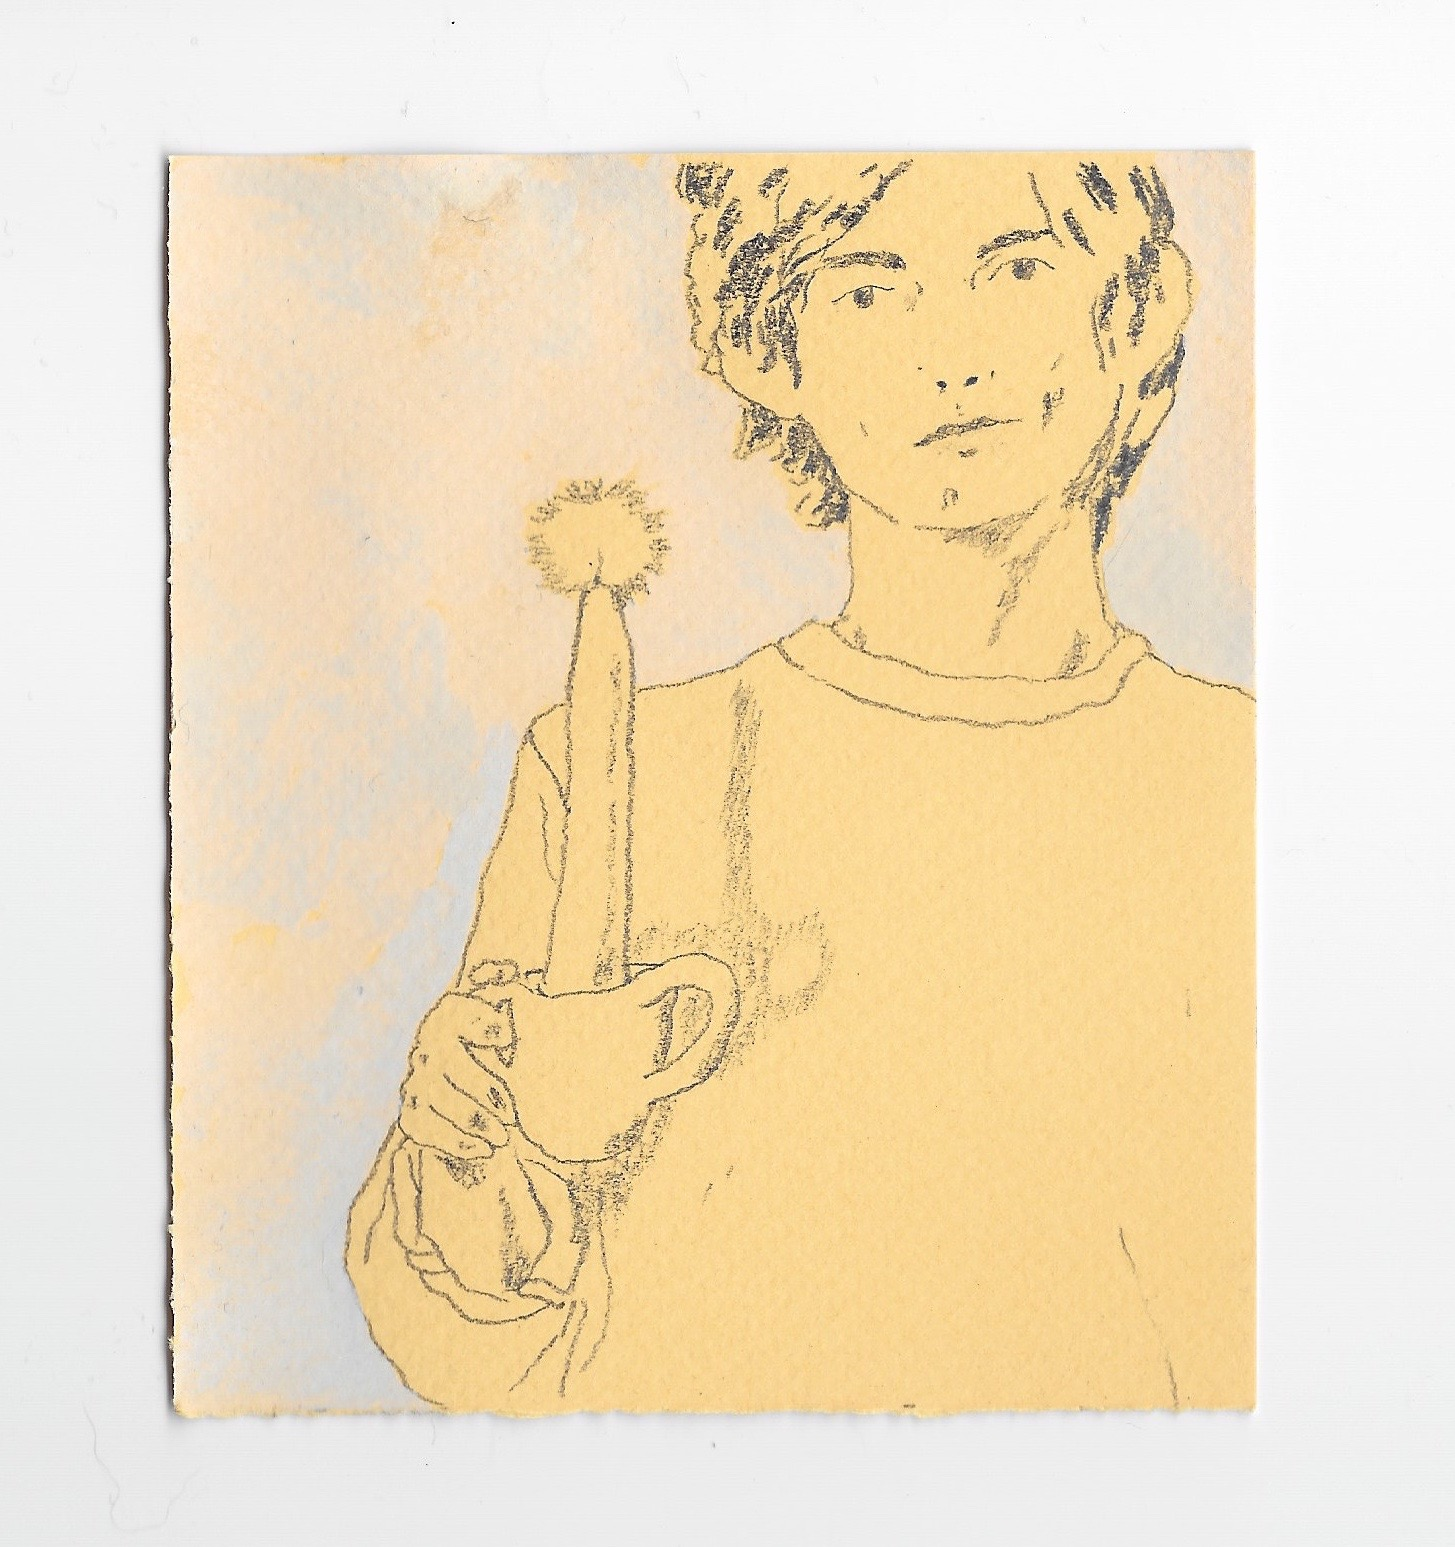 """- Portraitgraphite and gouache3.5x4.25""""2019"""